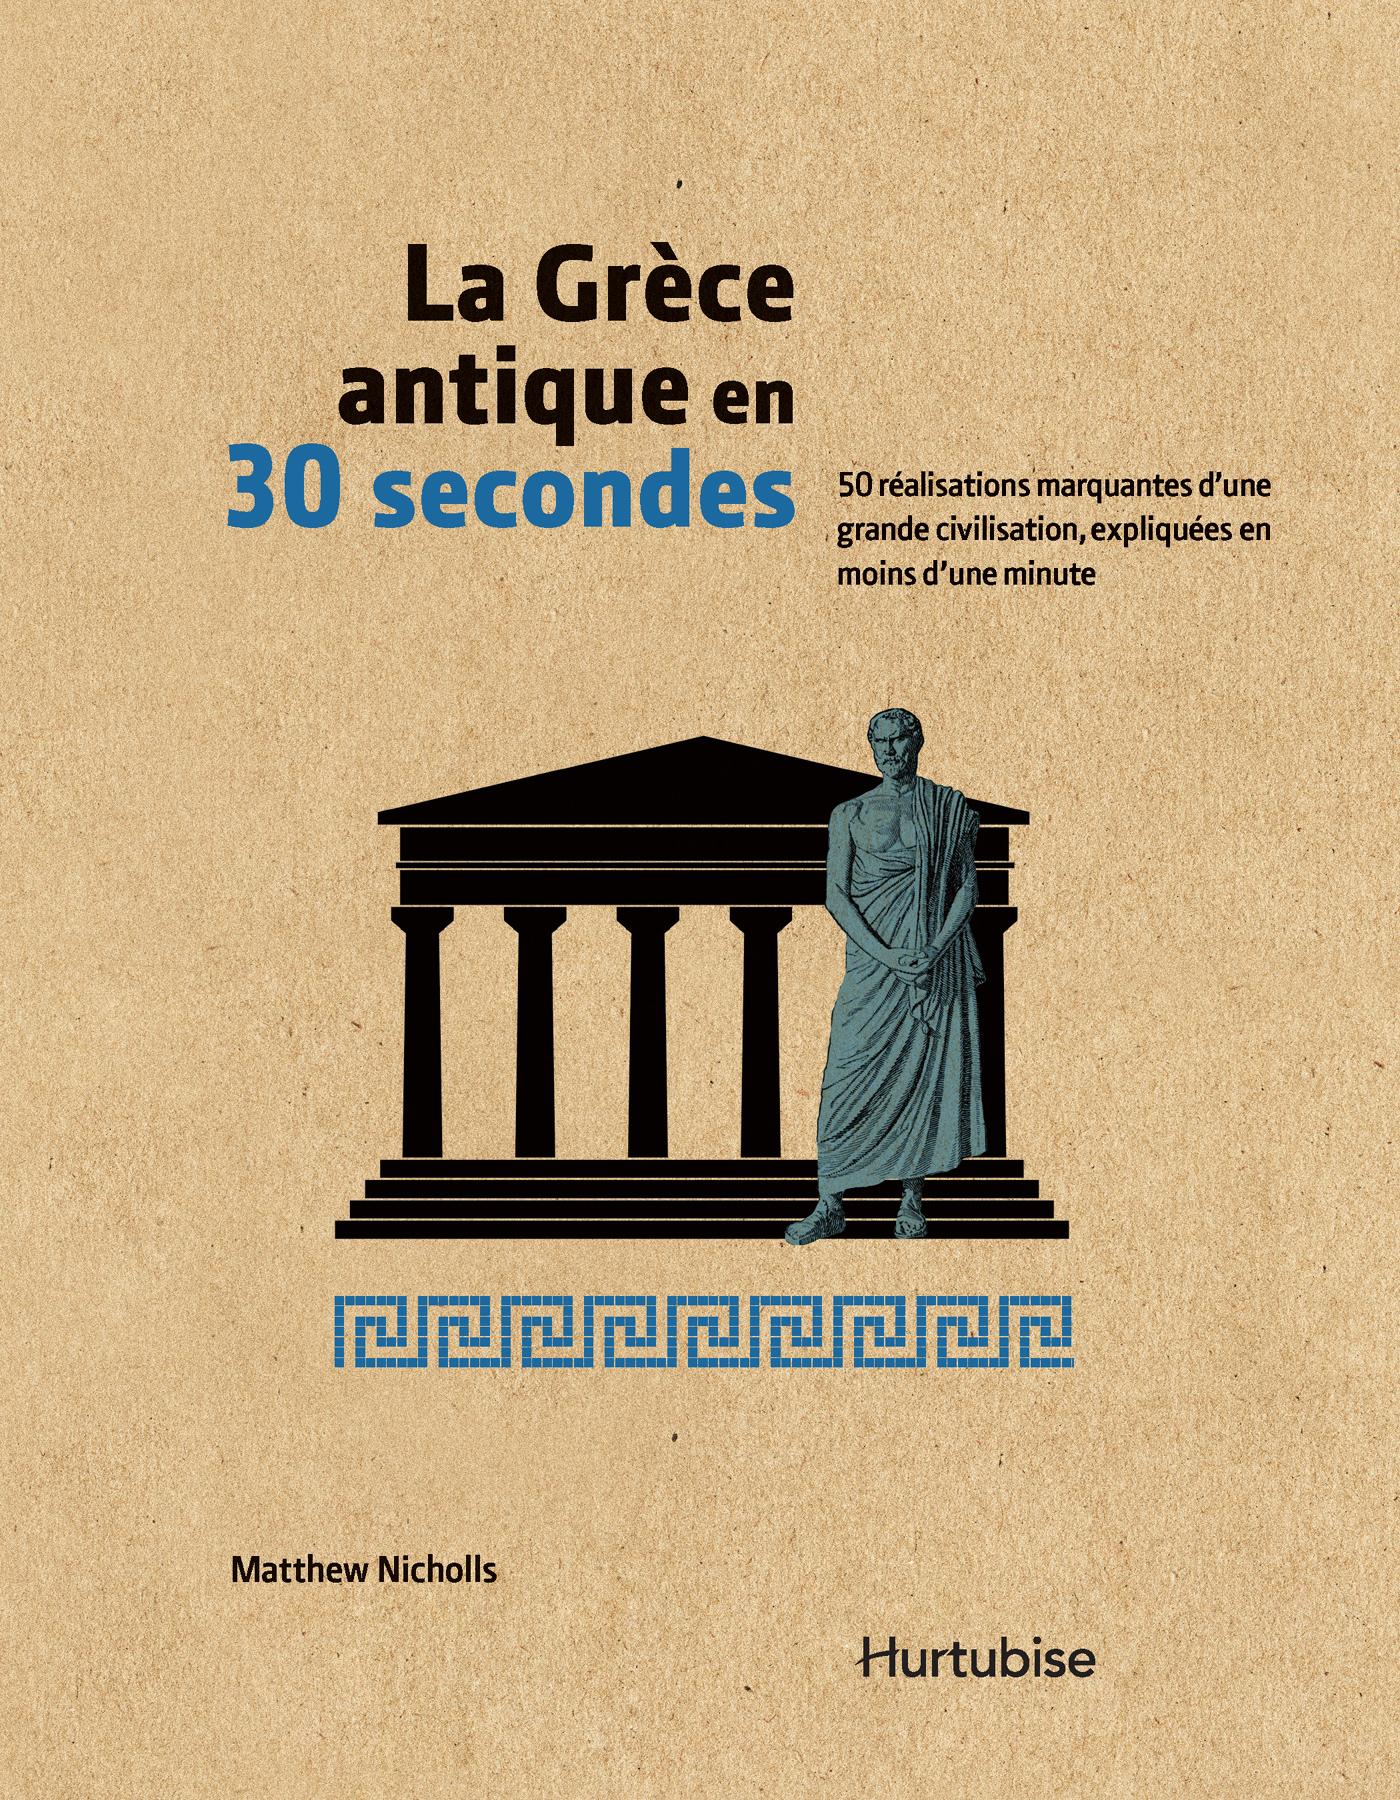 La Grèce antique en 30 secondes